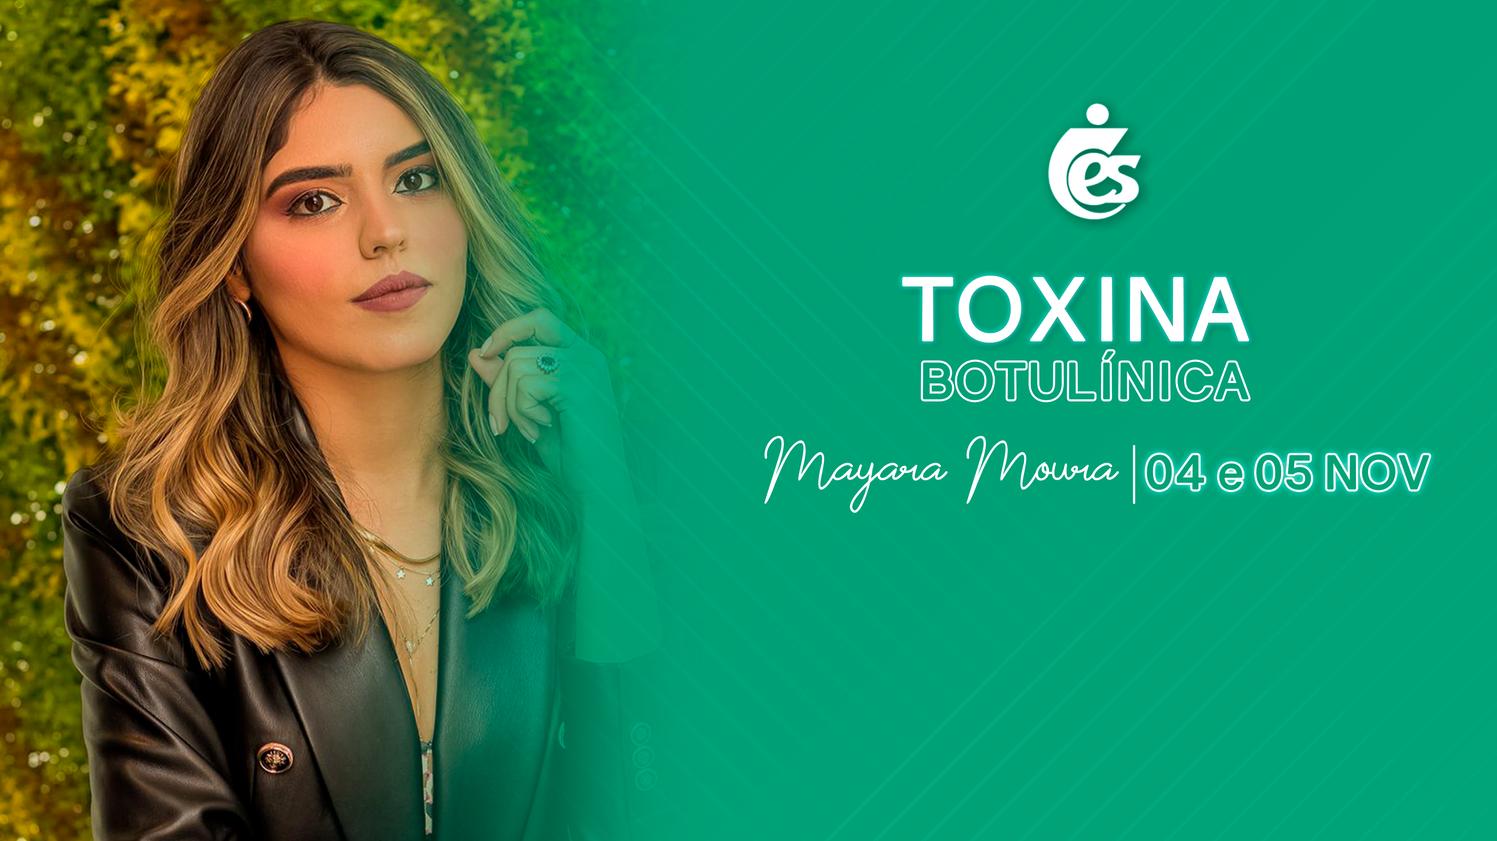 mayara moura toxina.png